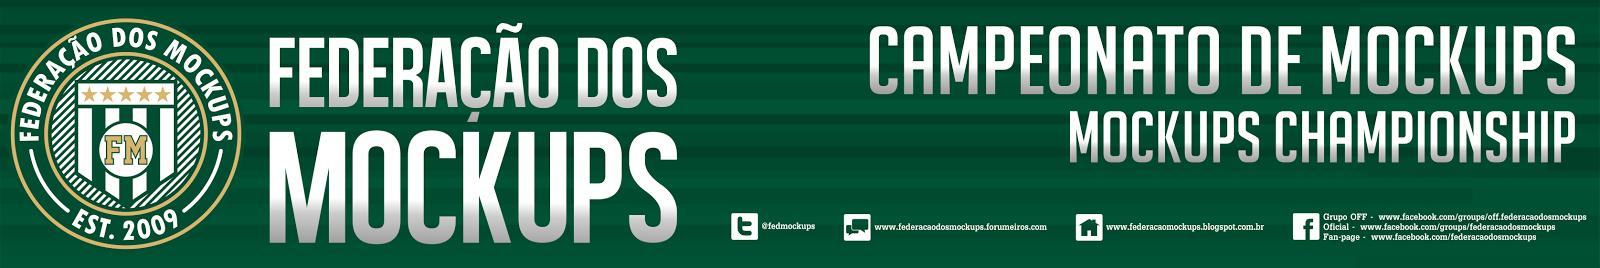 10a4537db2 Campeonato de Mockups Camisetas de Futebol  96º Campeonato de ...